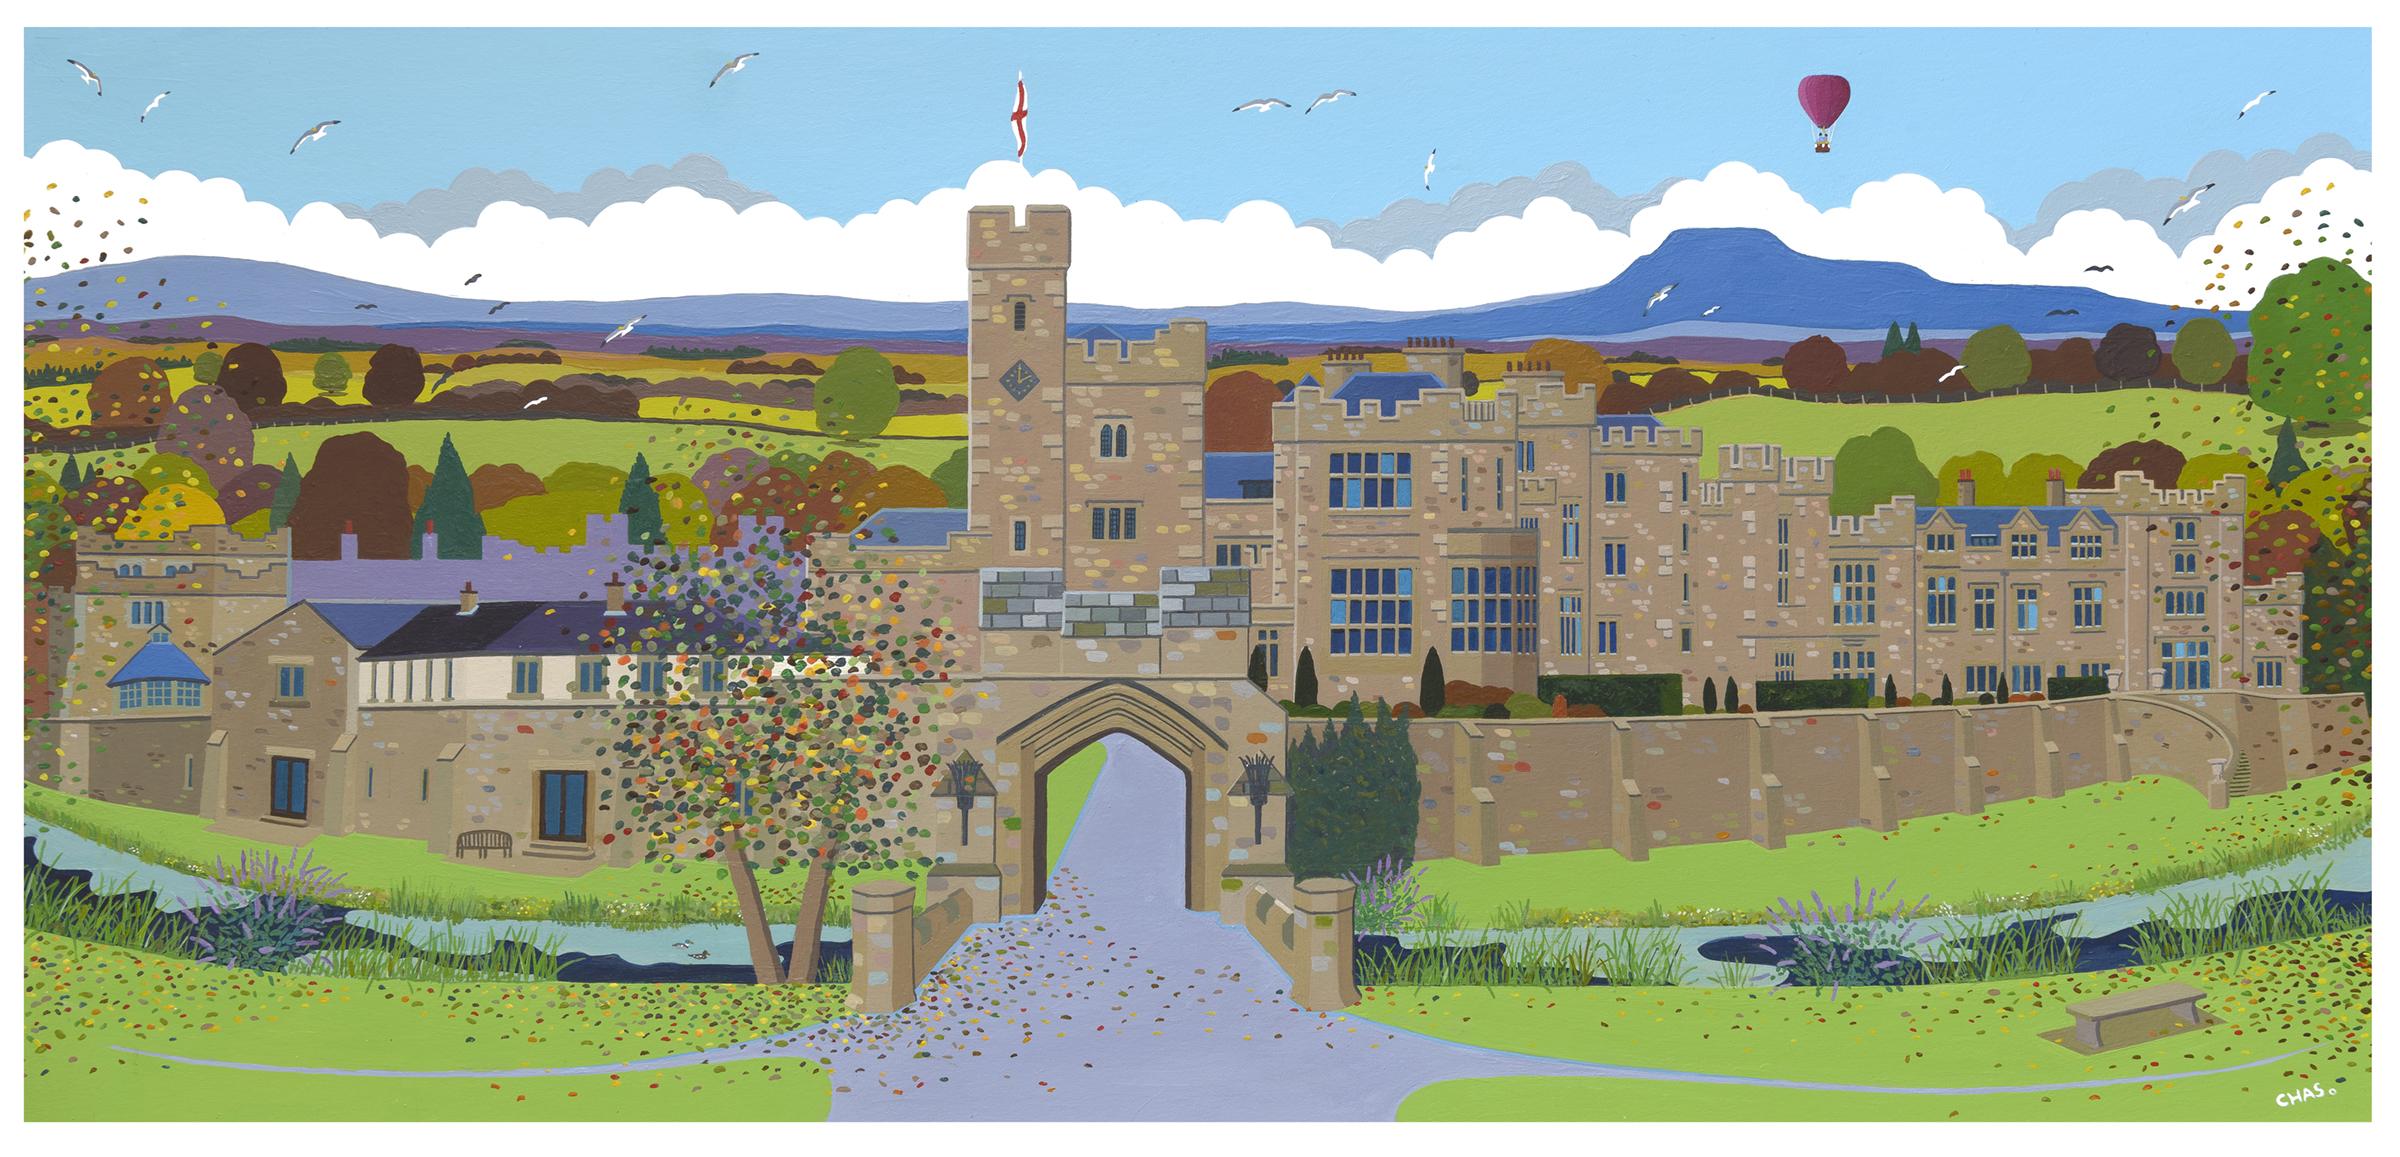 'Thurland Castle' - a recent commission